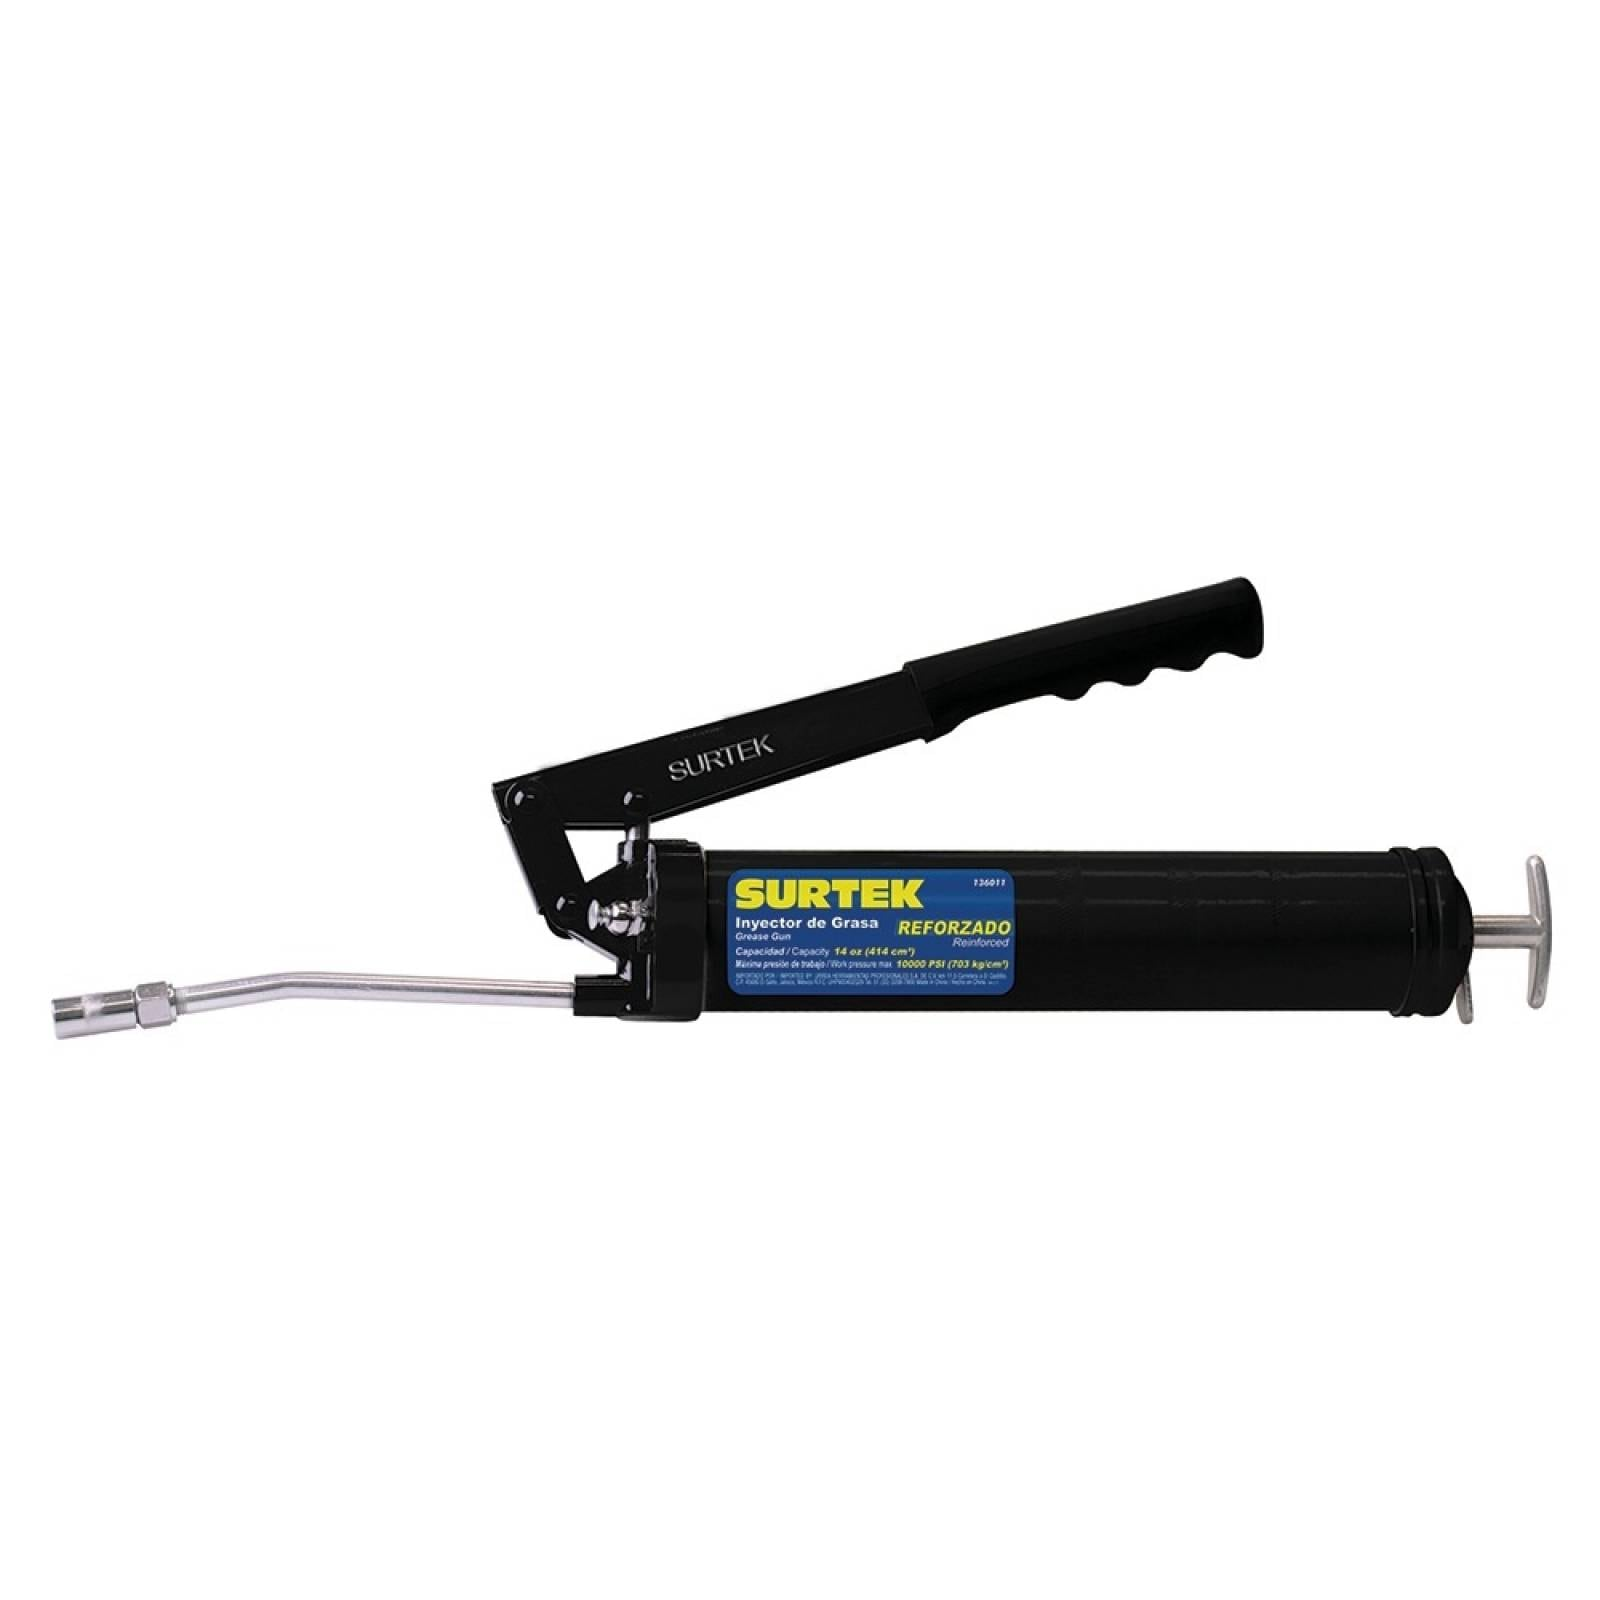 Inyector de grasa reforzado 14oz 136011 Surtek